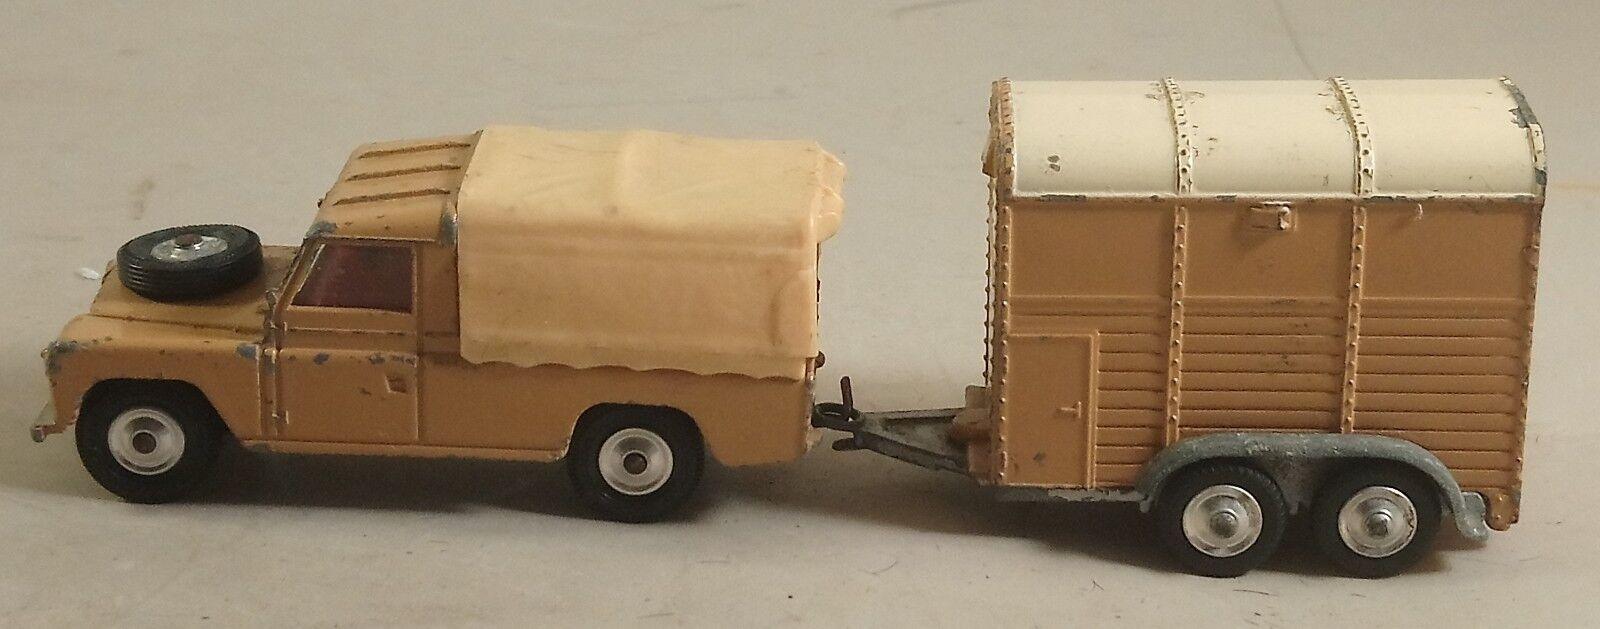 CORGI TOYS LAND ROVER 109 WB En Marron Beige Couleur avec remorque 1960